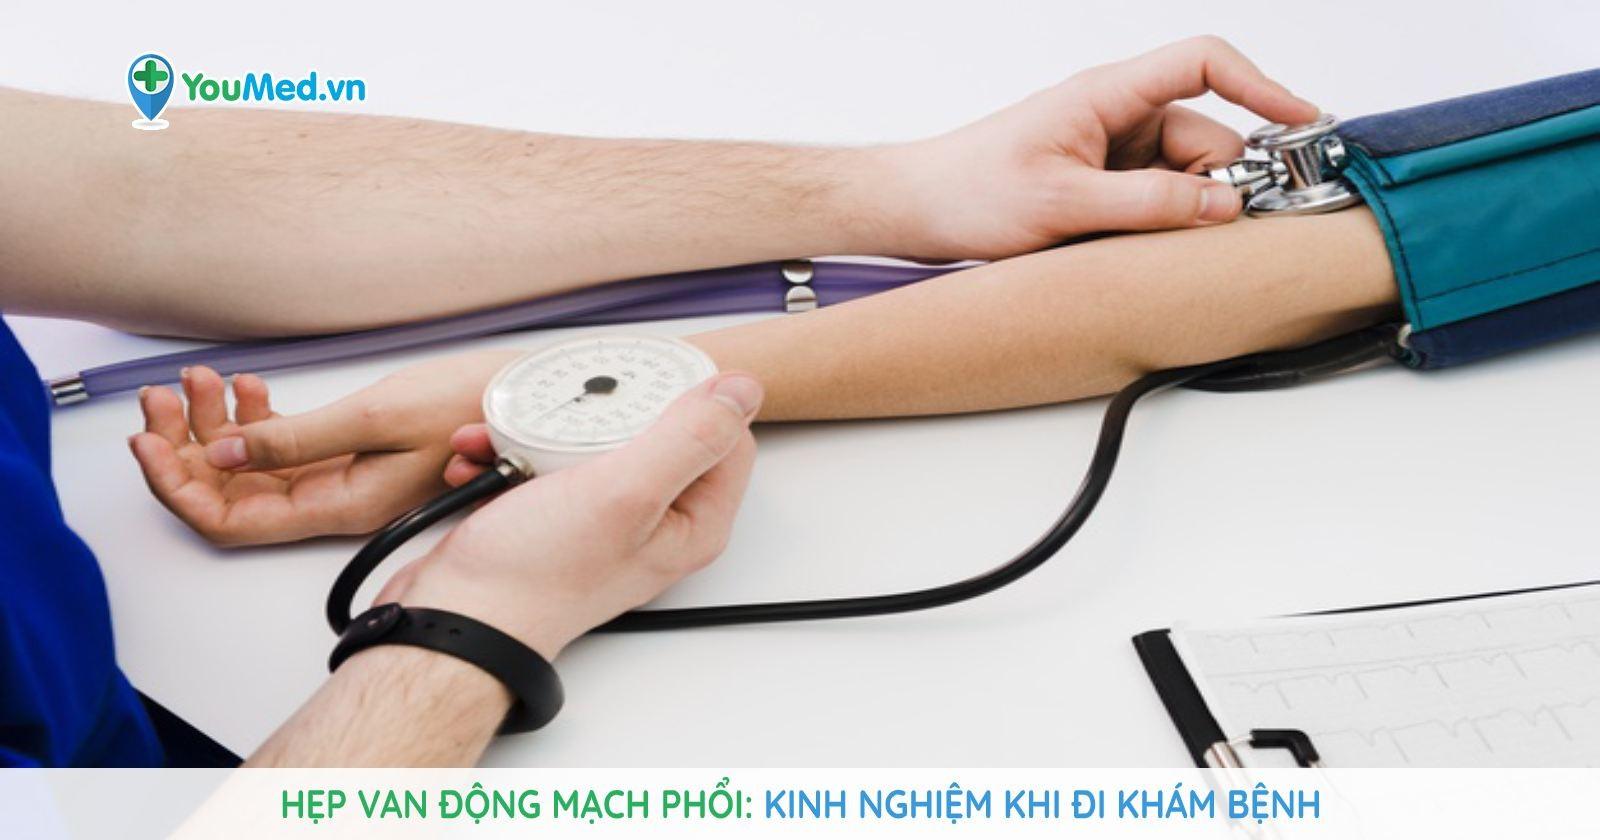 Hẹp van động mạch phổi Kinh nghiệm khi đi khám bệnh